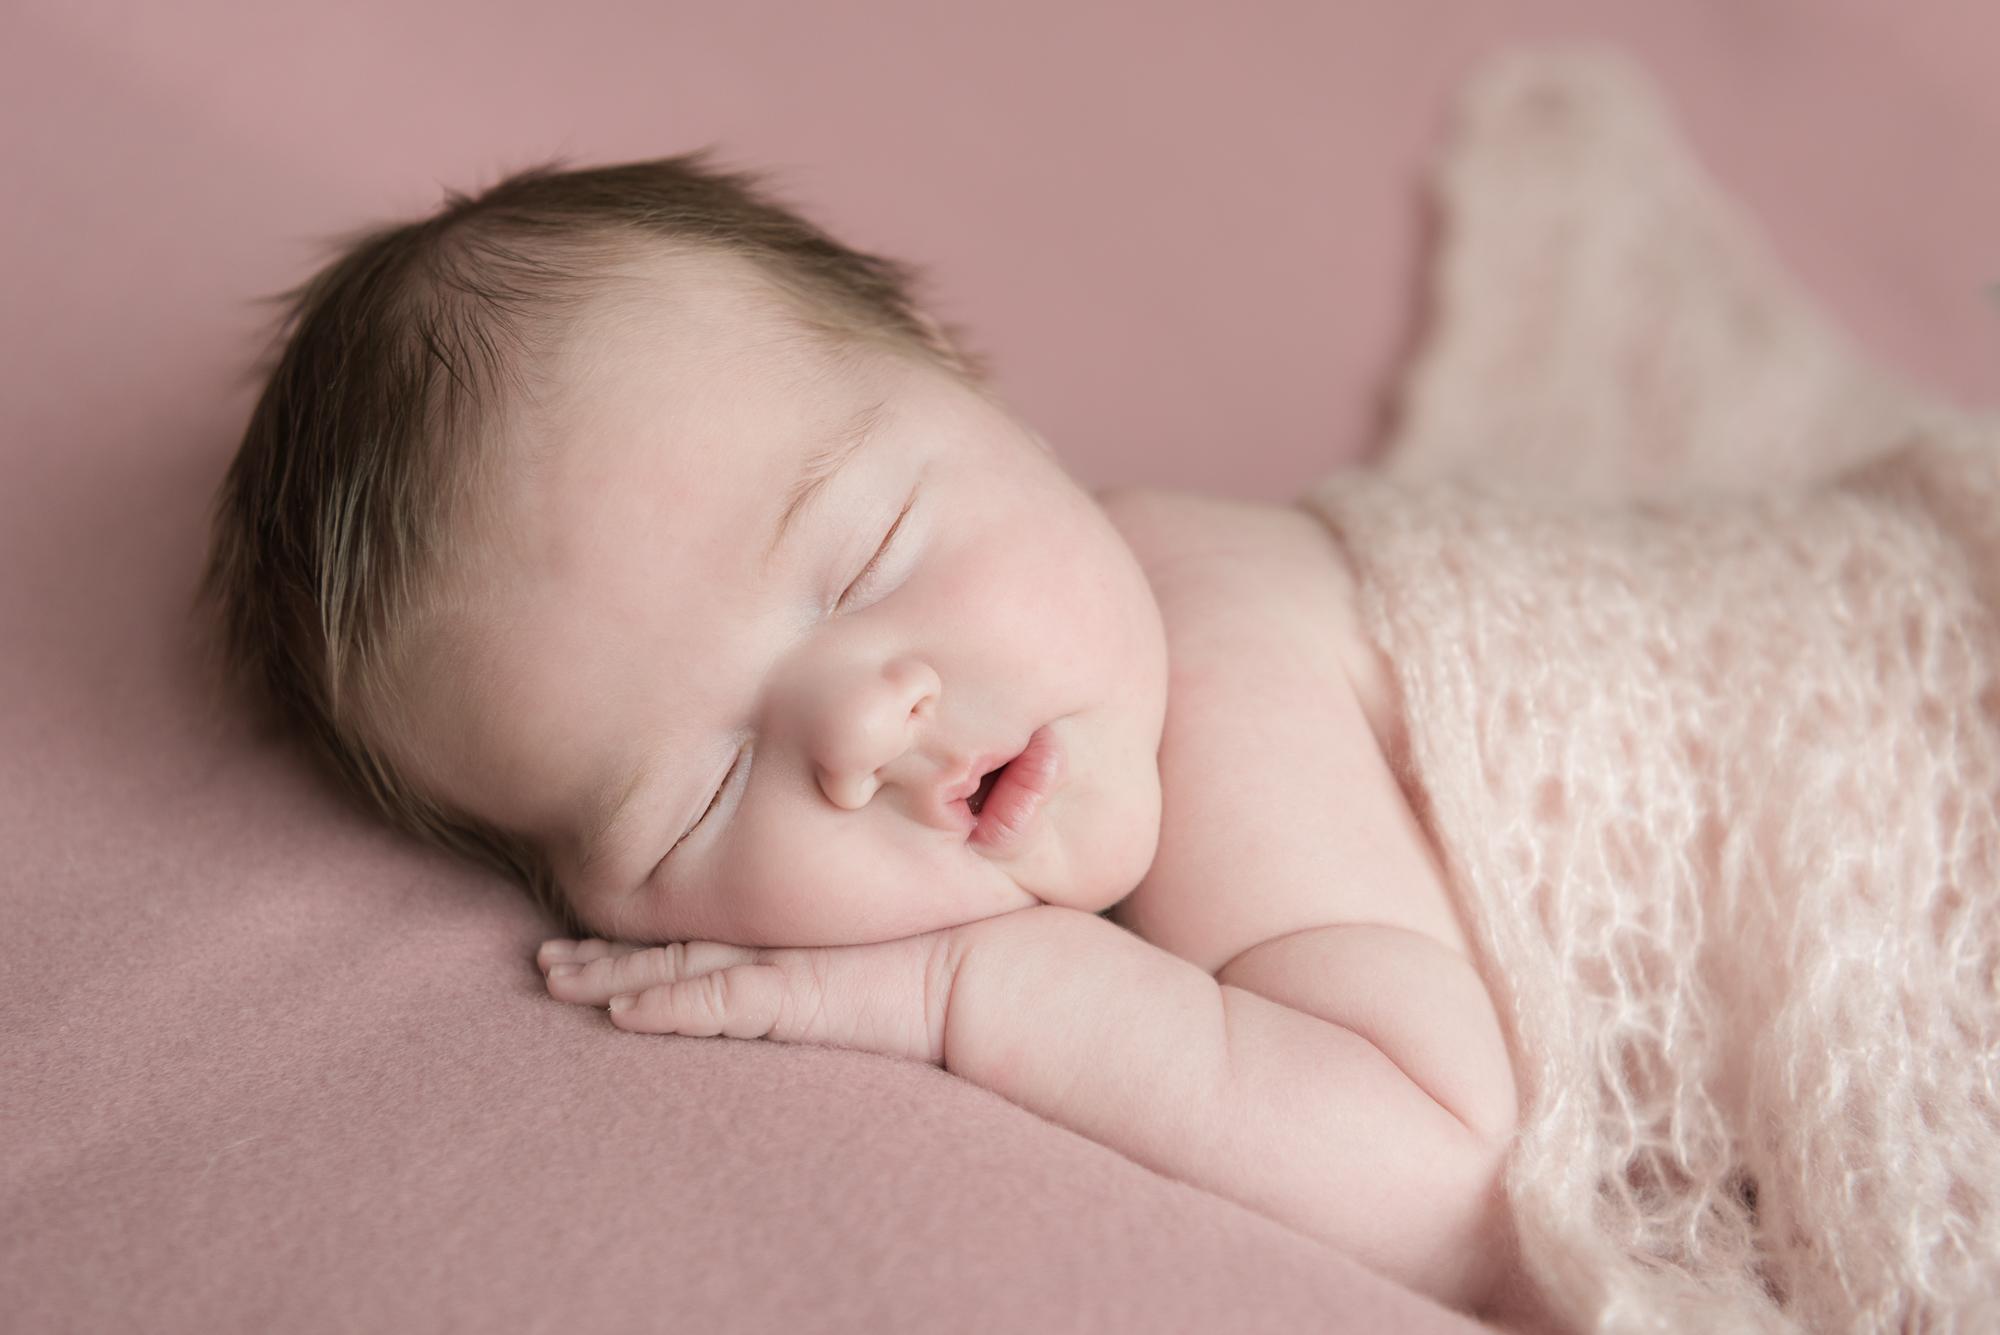 110-Nyfødt_famile_kjærlighet_glede_baby.jpg